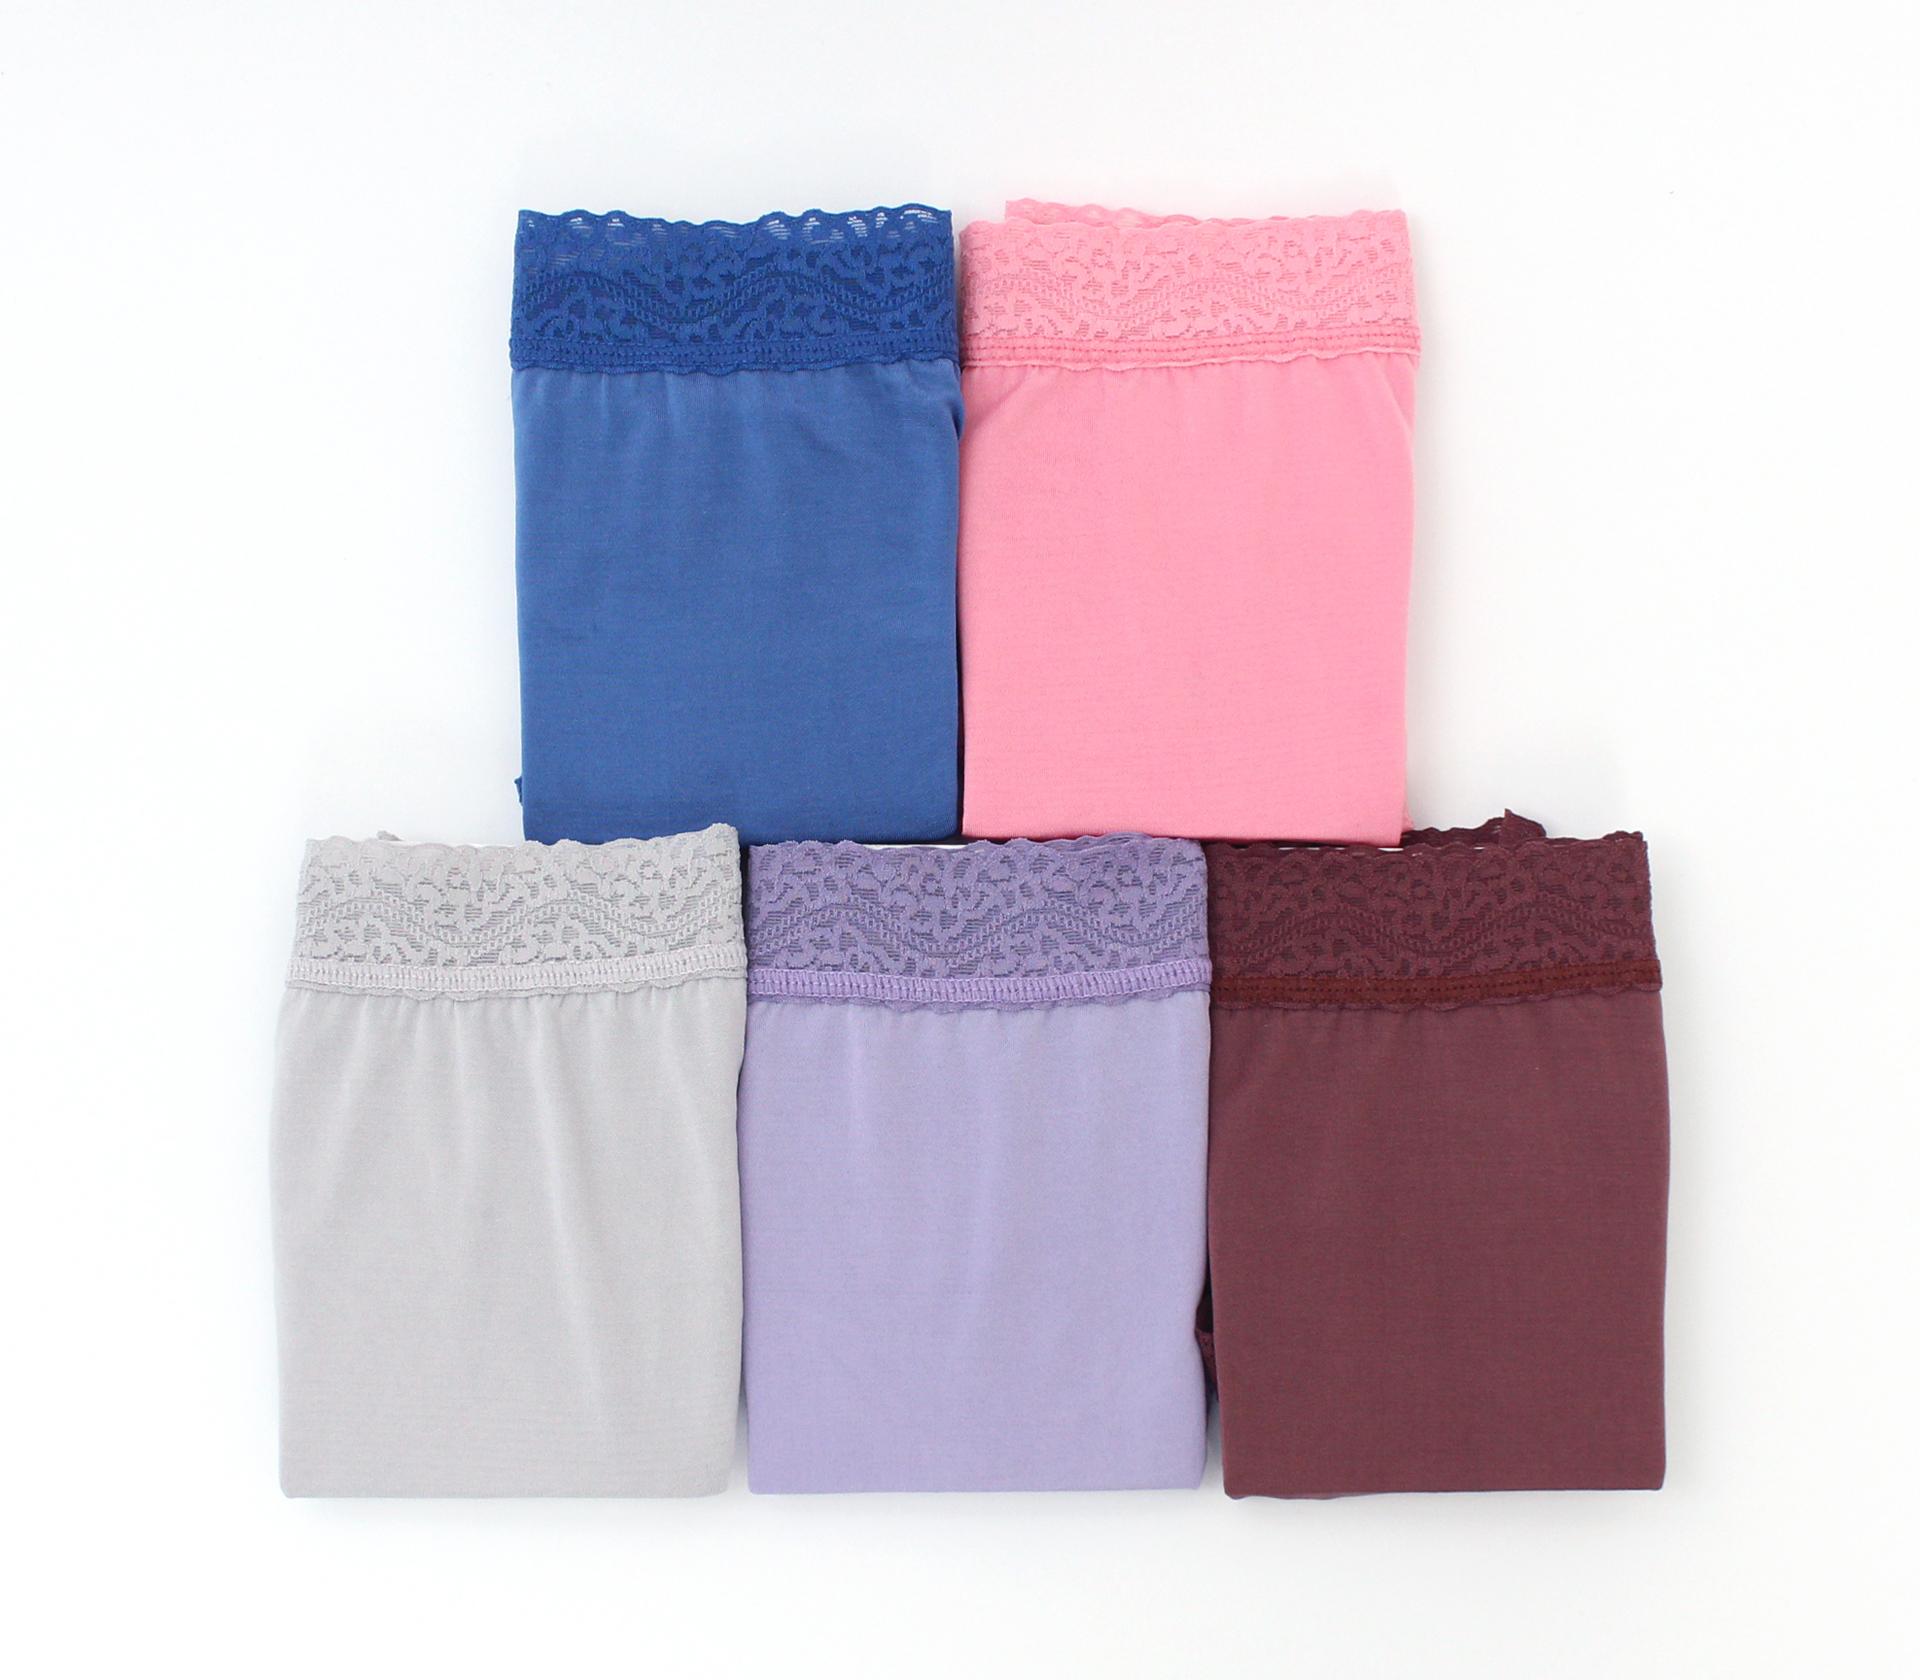 闕蘭絹『超高腰』包覆頂級40針100%蠶絲內褲五件組-8795